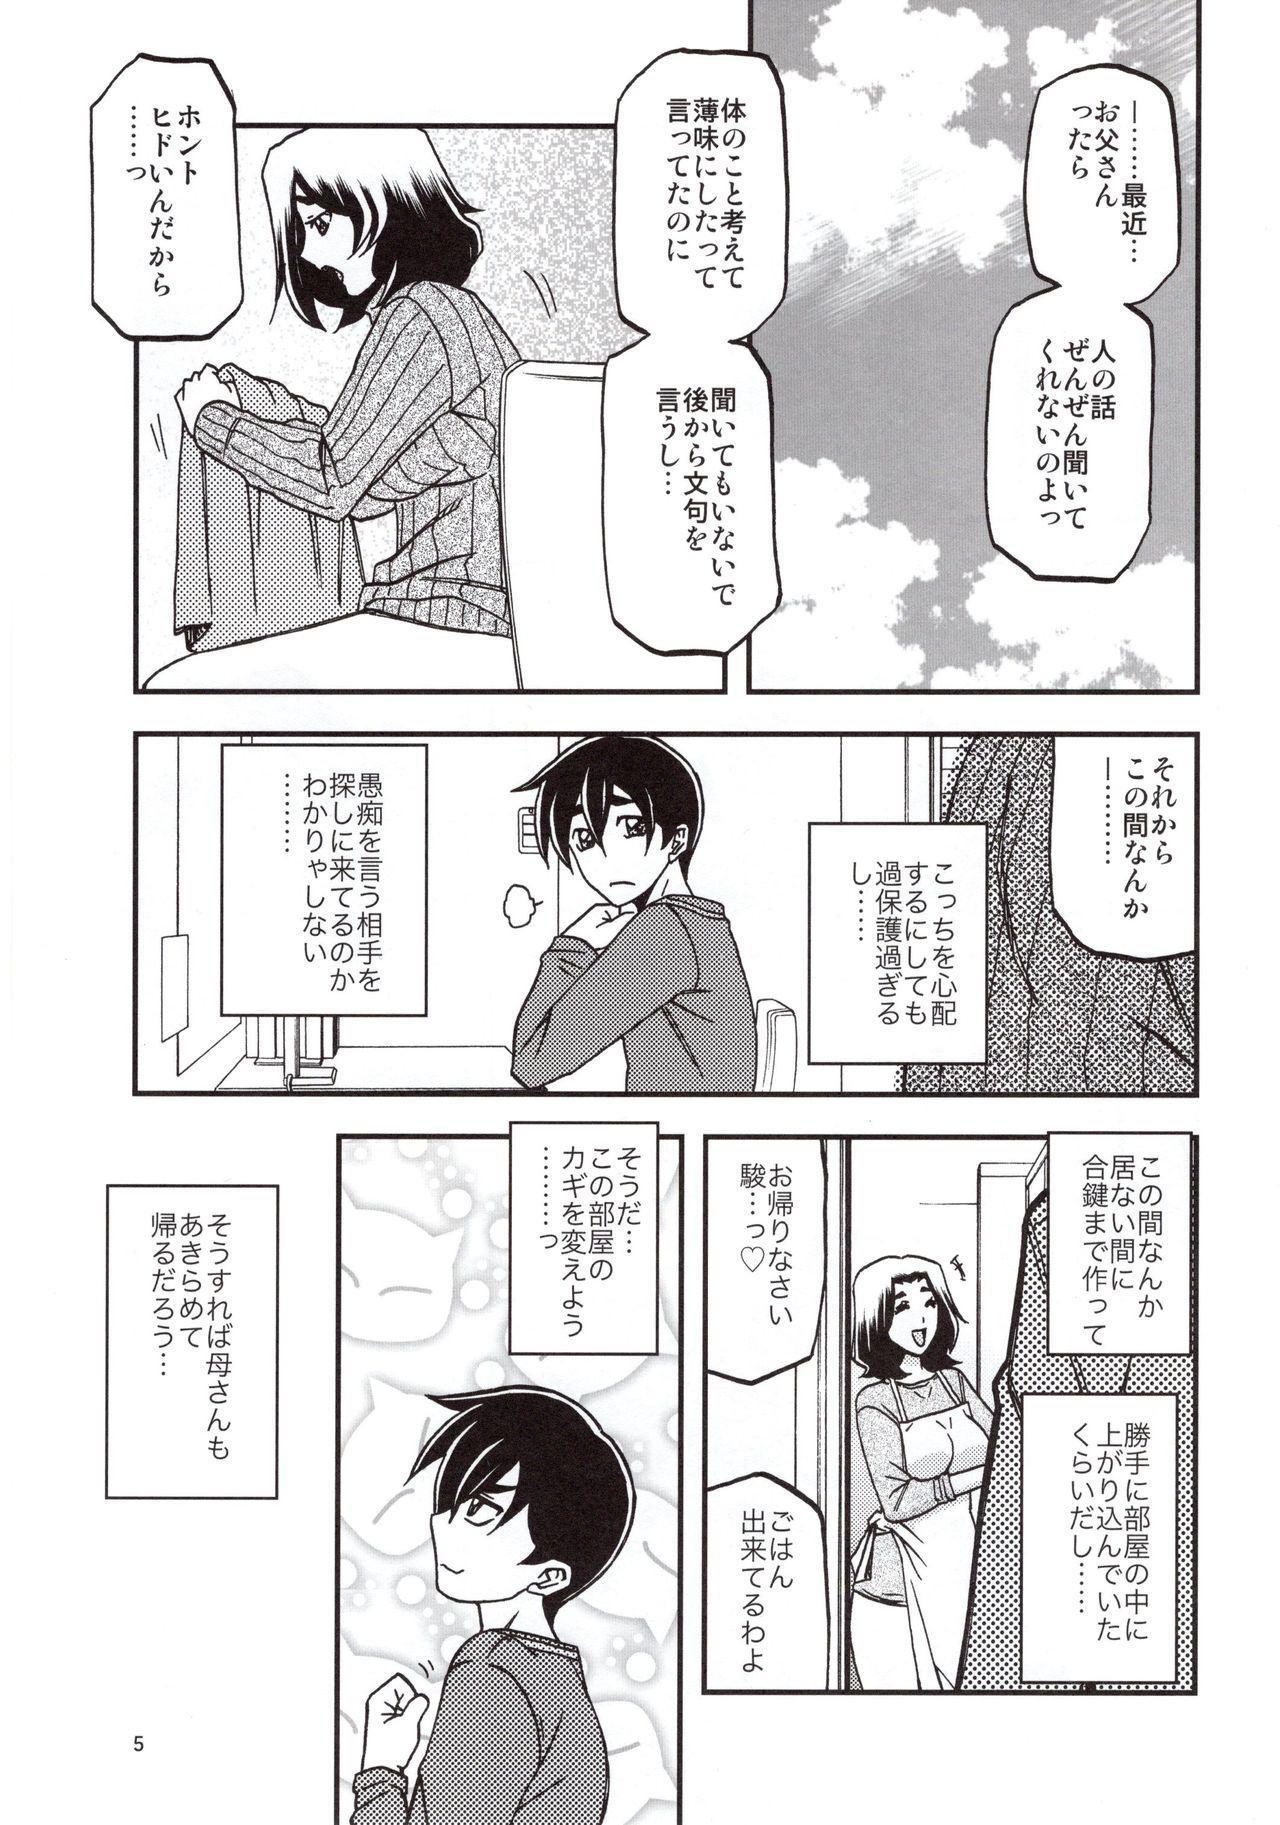 Yama Hime no Mi Orie 3